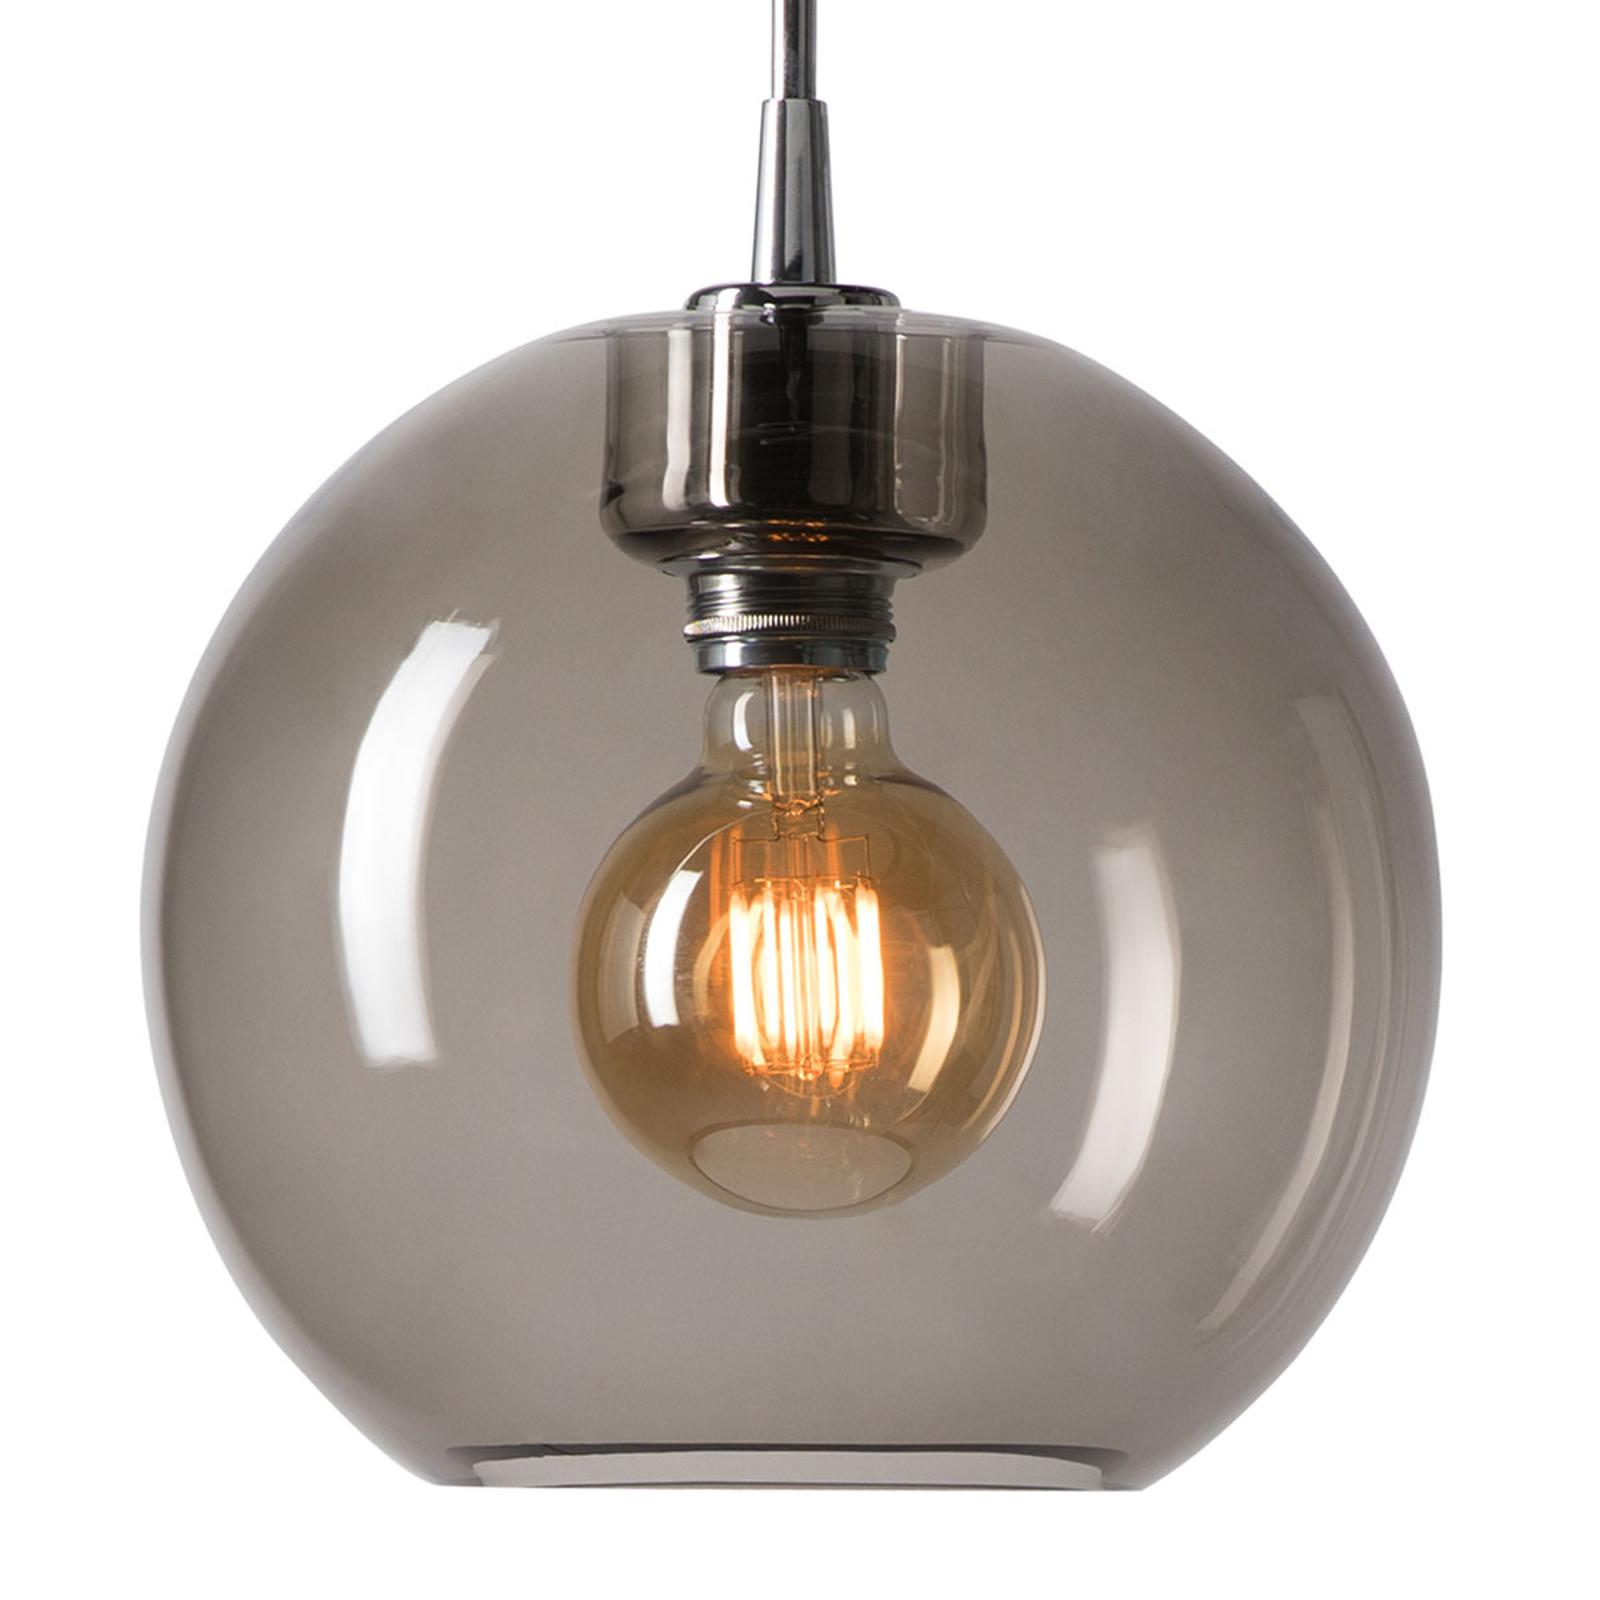 Lampa wisząca Gloria chrom/dymione szkło Ø 26 cm